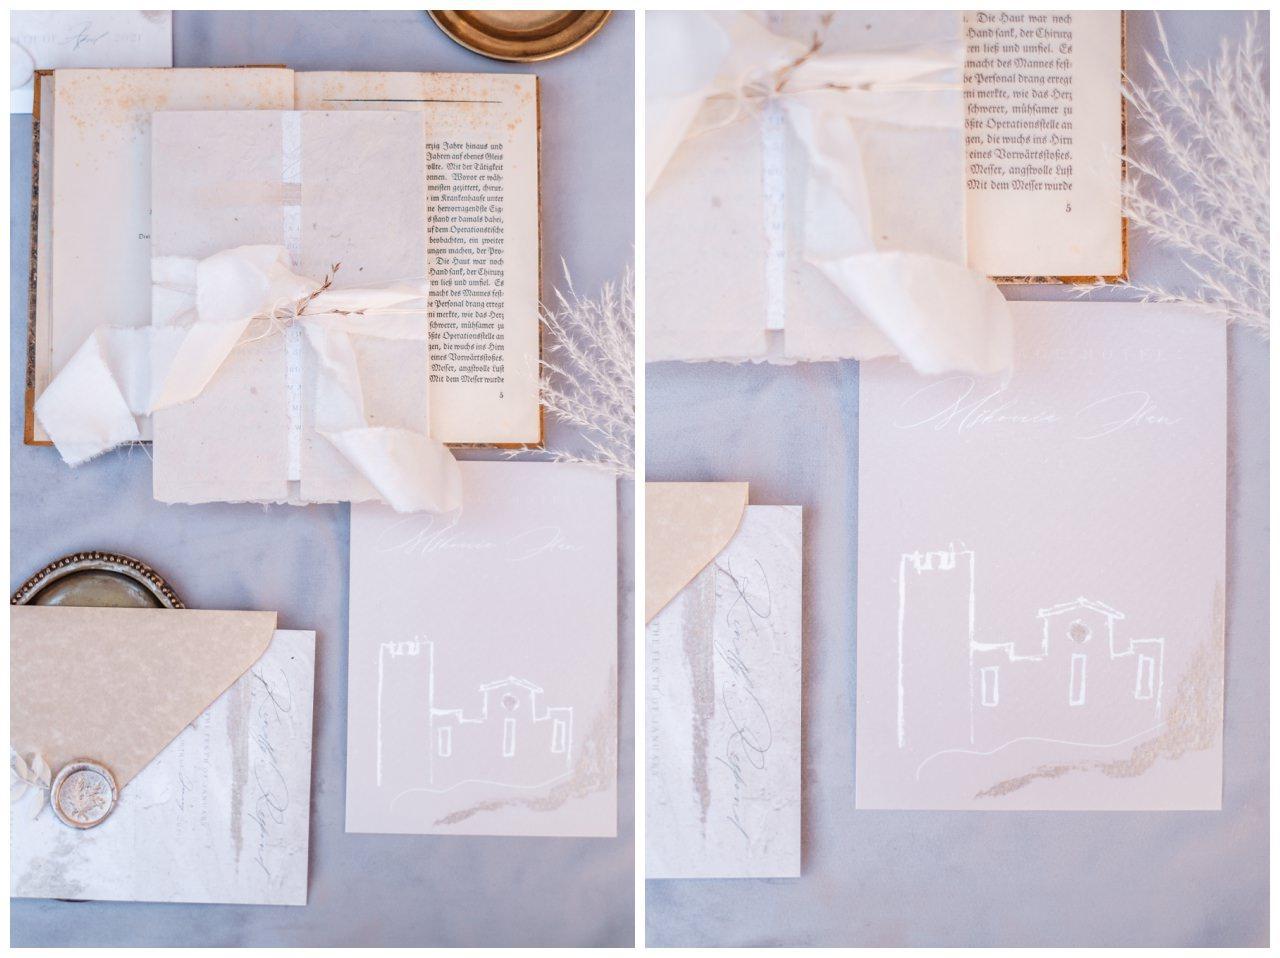 Hochzeitspapeterie Einladungskarte Einladung Hochzeit Flatlay Fotograf 17 - Eure Einladung als Flatlay inszeniert